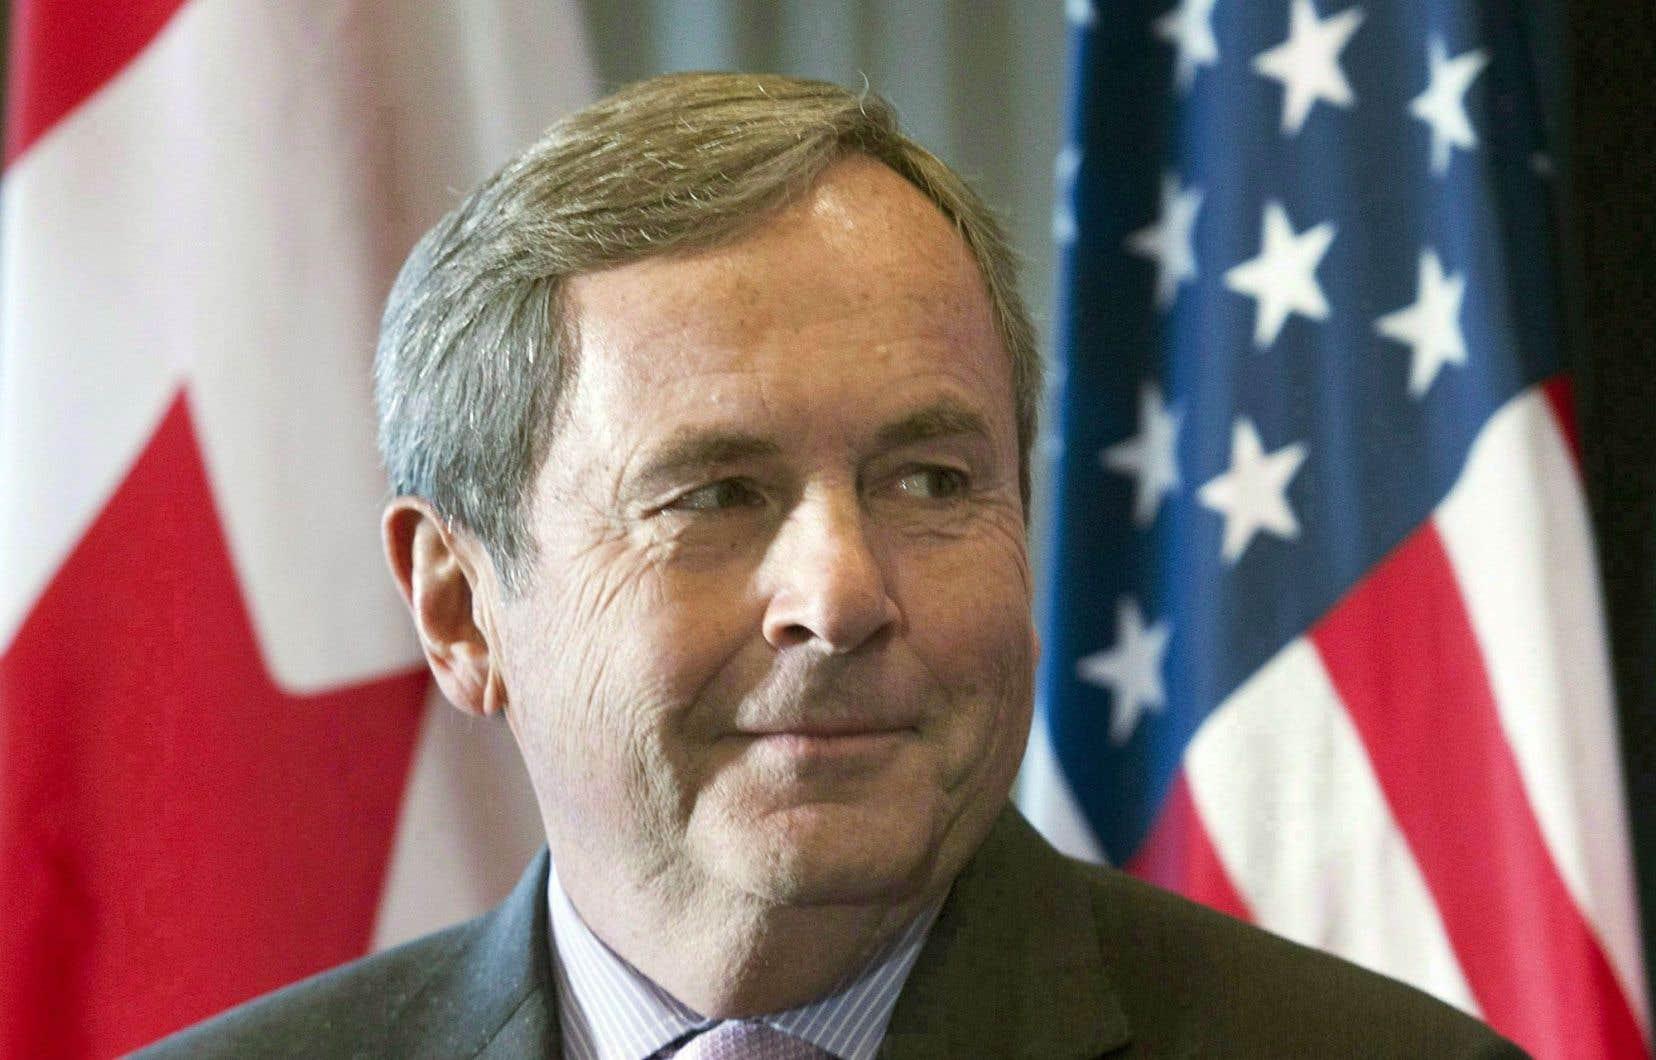 Mieux vaut ne rien signer du tout que de signer une mauvaise entente, selon l'ambassadeur canadien à Washington, David MacNaughton.